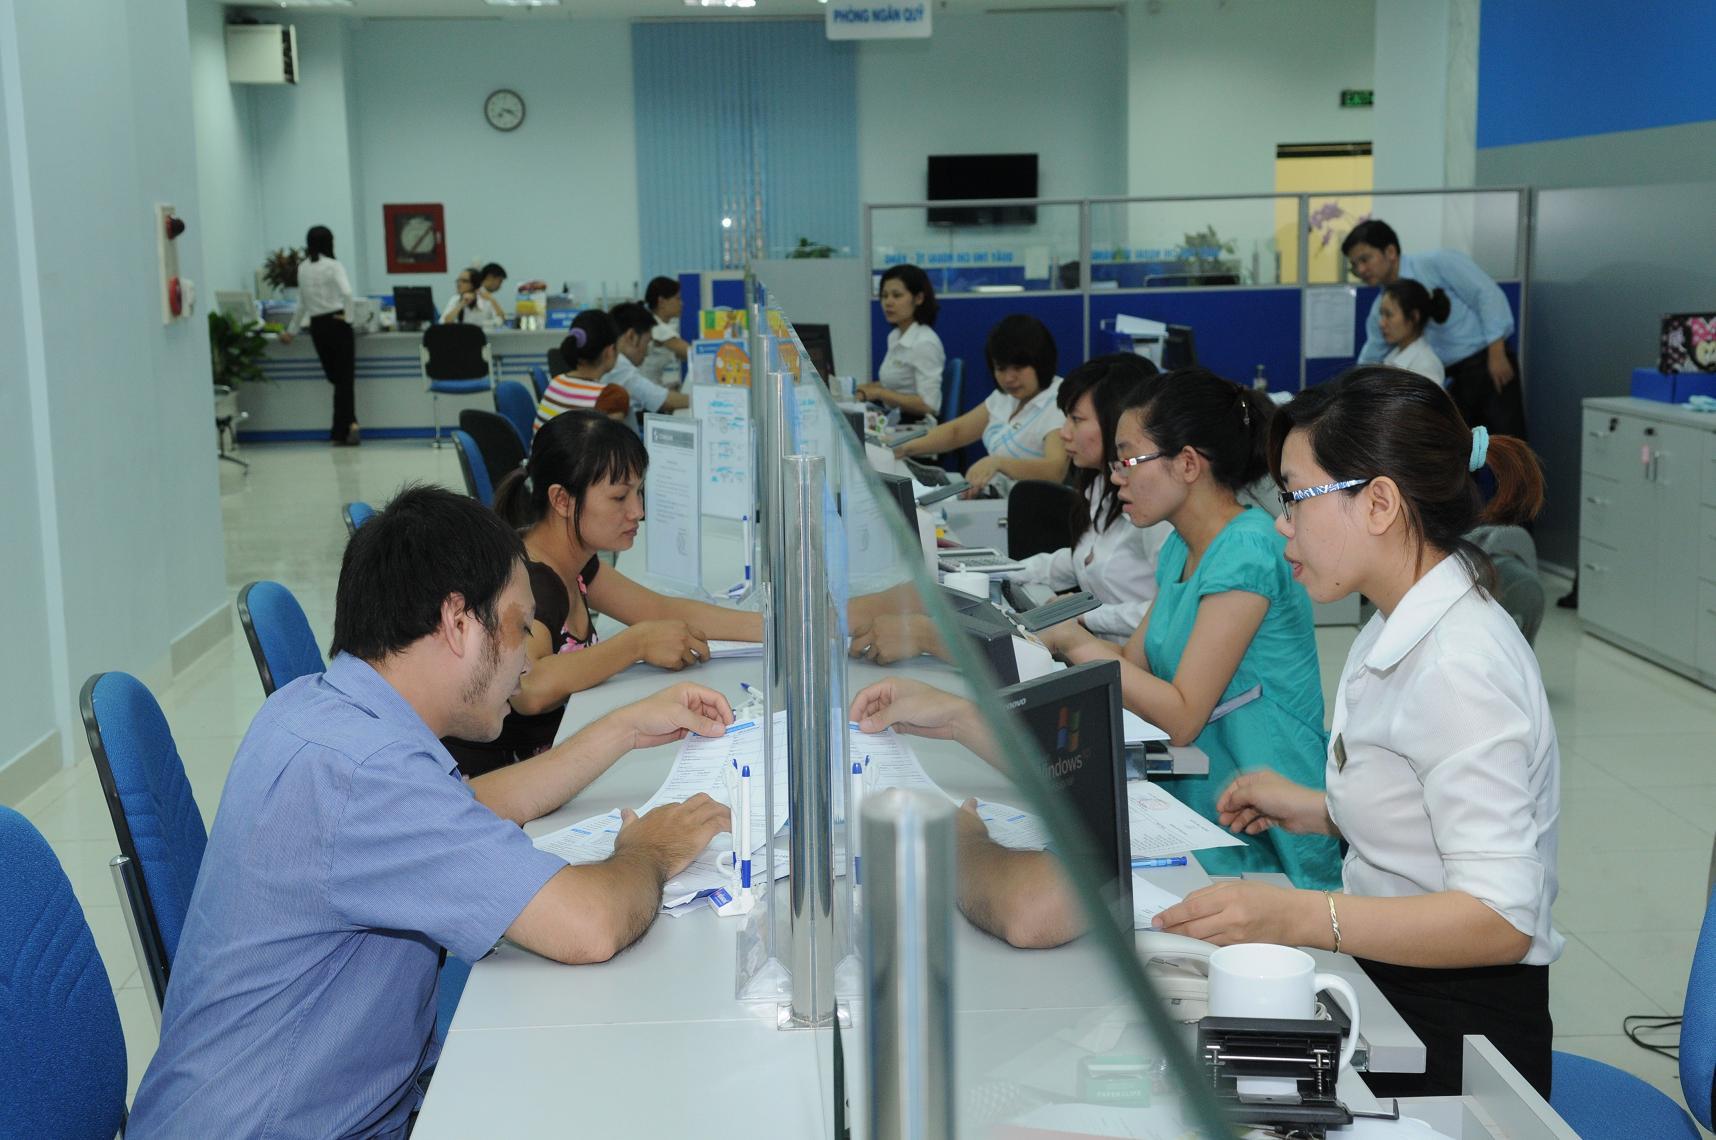 Lãi suất giao dịch liên ngân hàng bằng VND tăng ở hầu hết các kỳ hạn